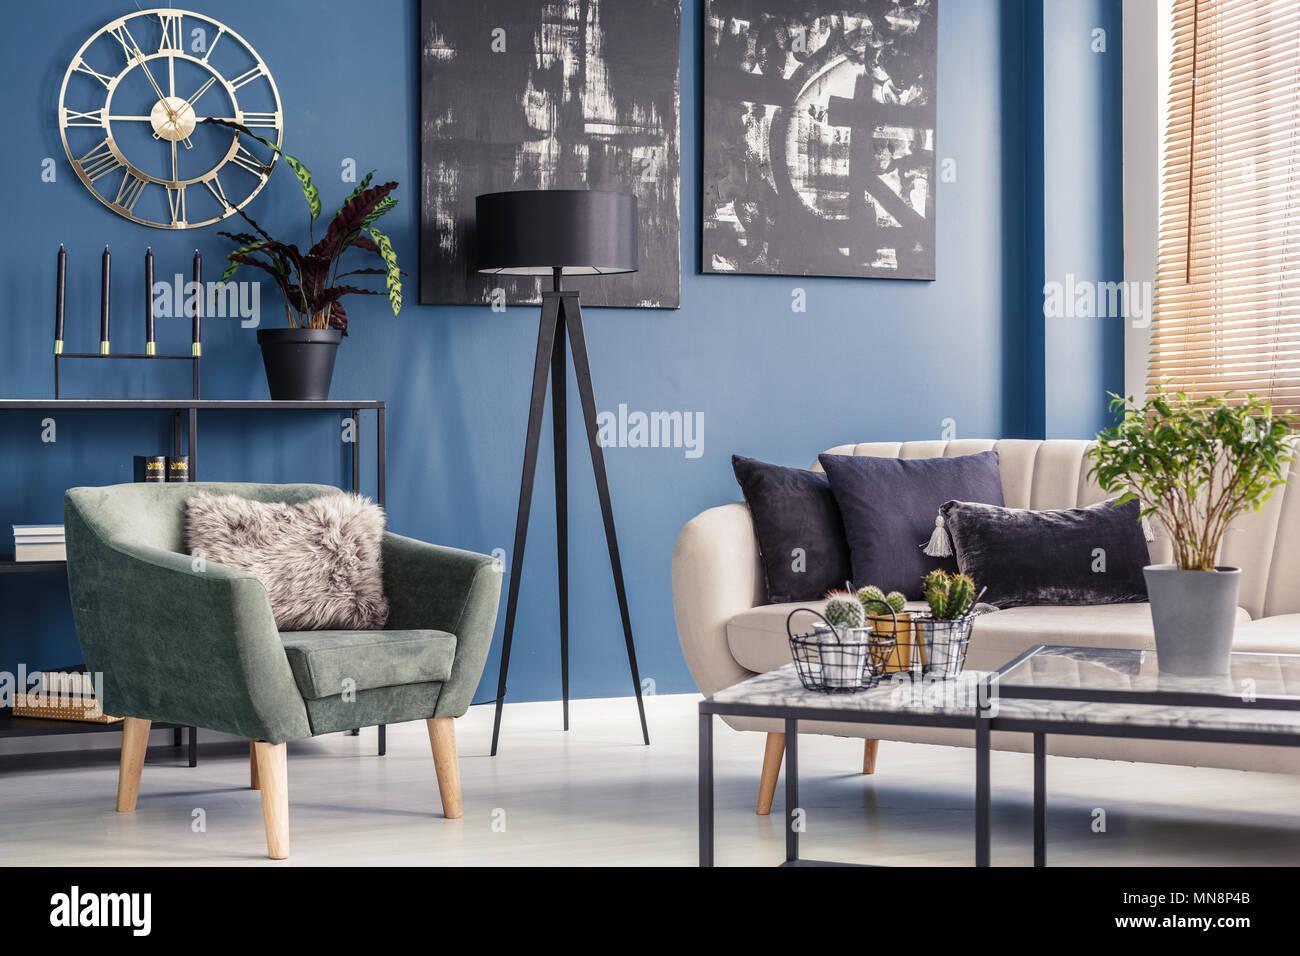 Decoration Elegante Coussins Sur Un Canape Beige Et Vert Menthe